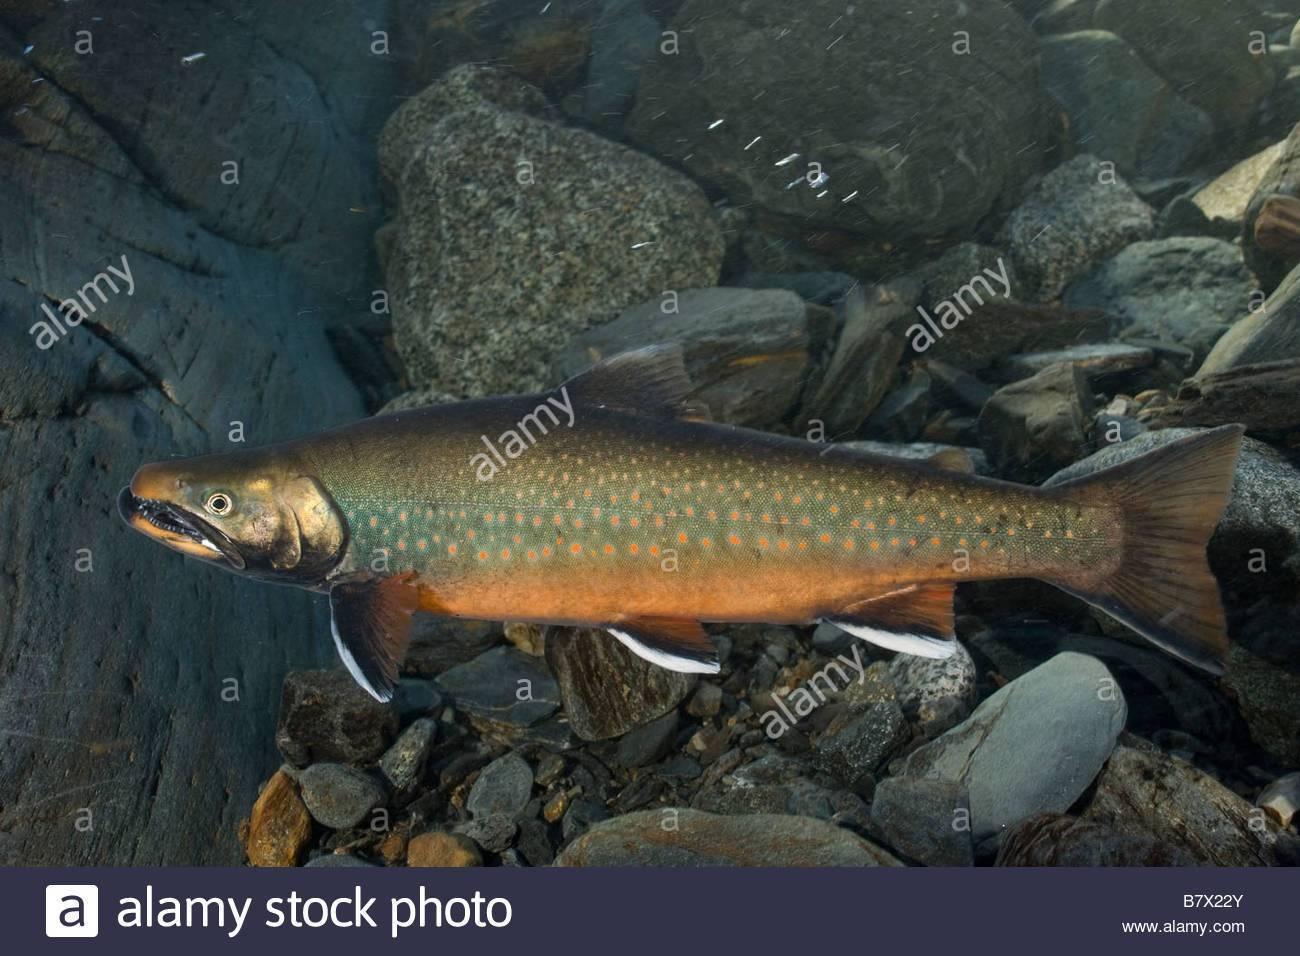 Рыба нельма описание и фото   все о нельме в деталях